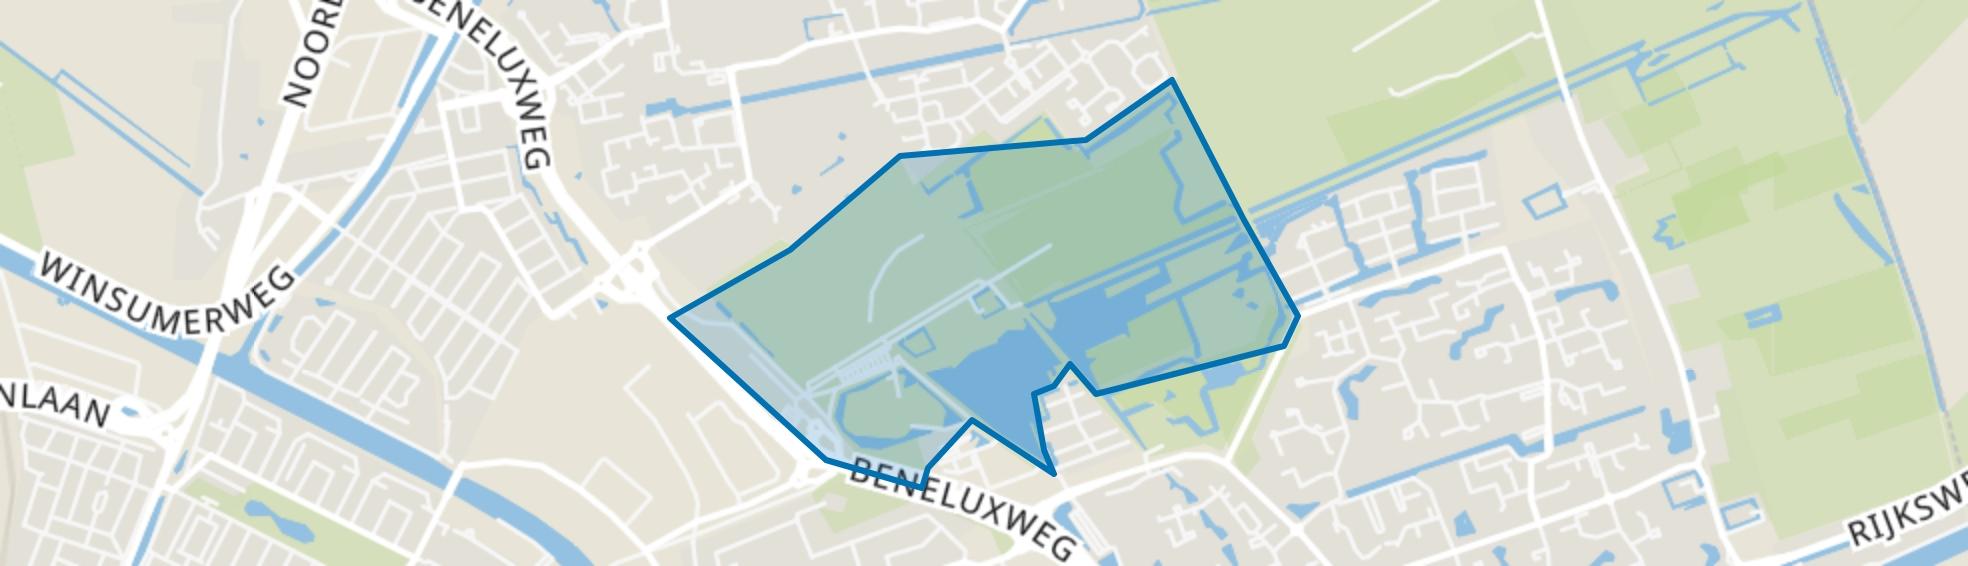 Kardinge, Groningen map